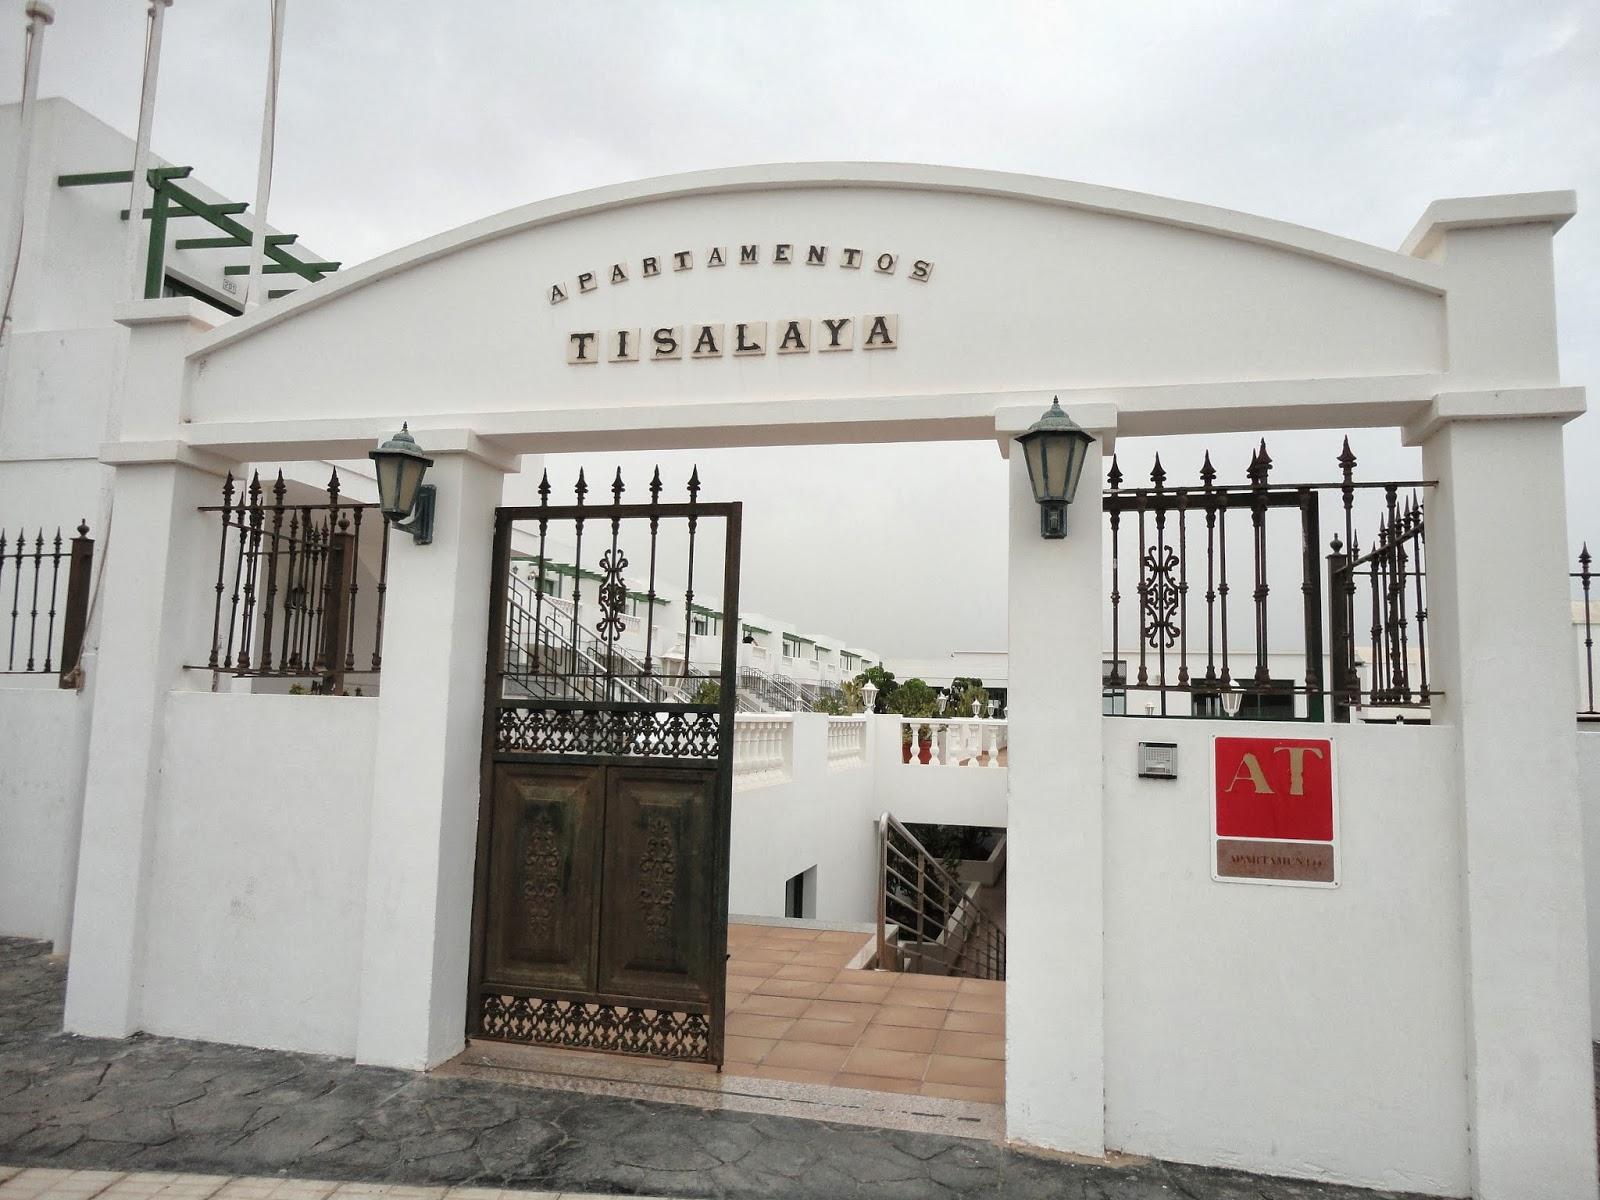 Visitare Lanzarote in estate: il nostro viaggio comincia così